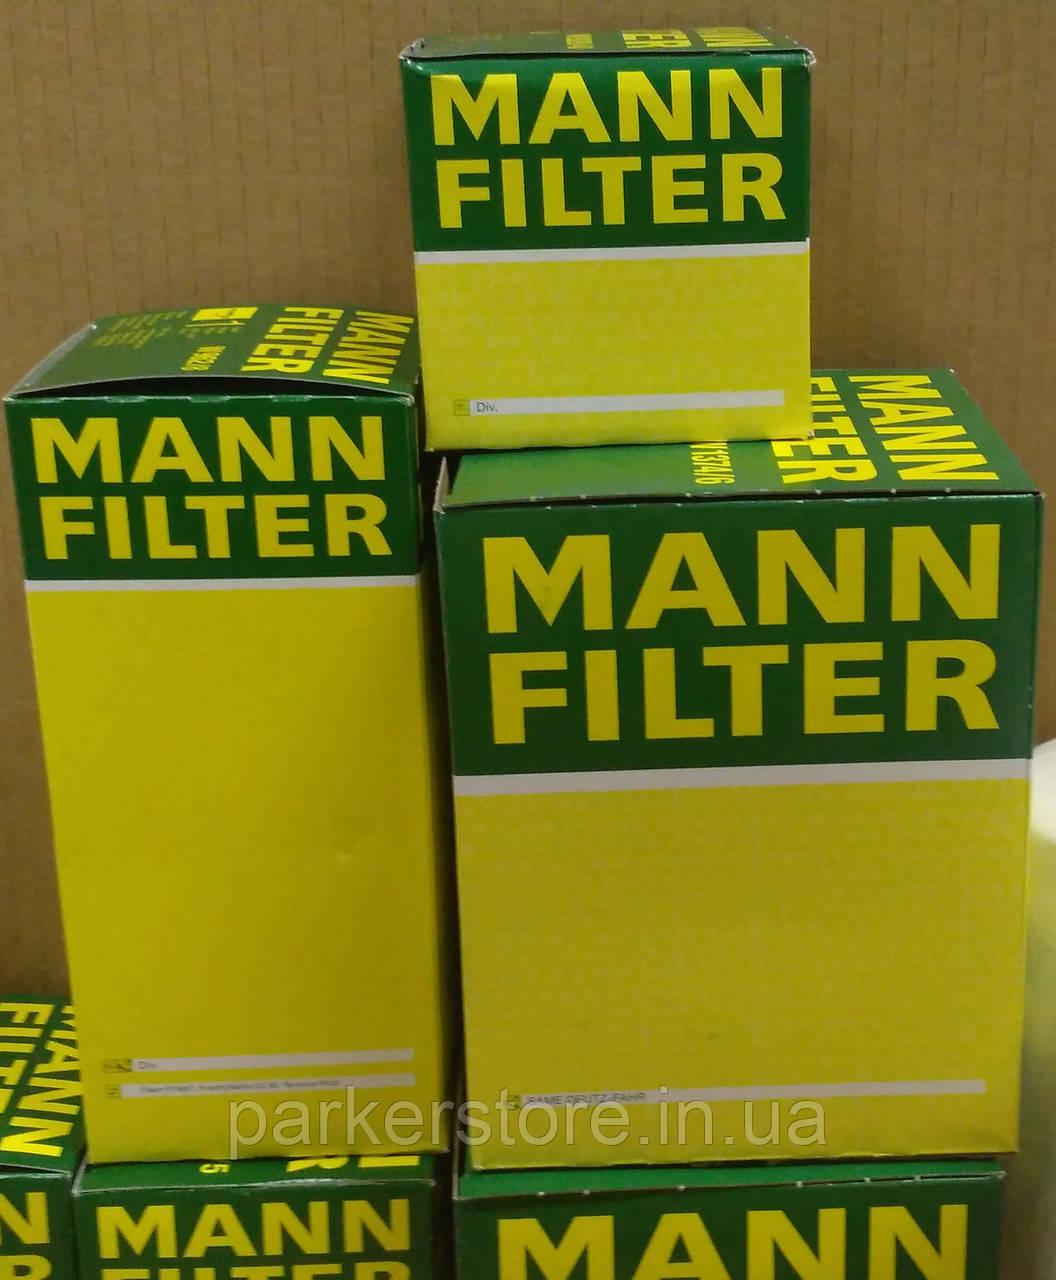 MANN FILTER / Повітряний фільтр / C 2325 / C2325